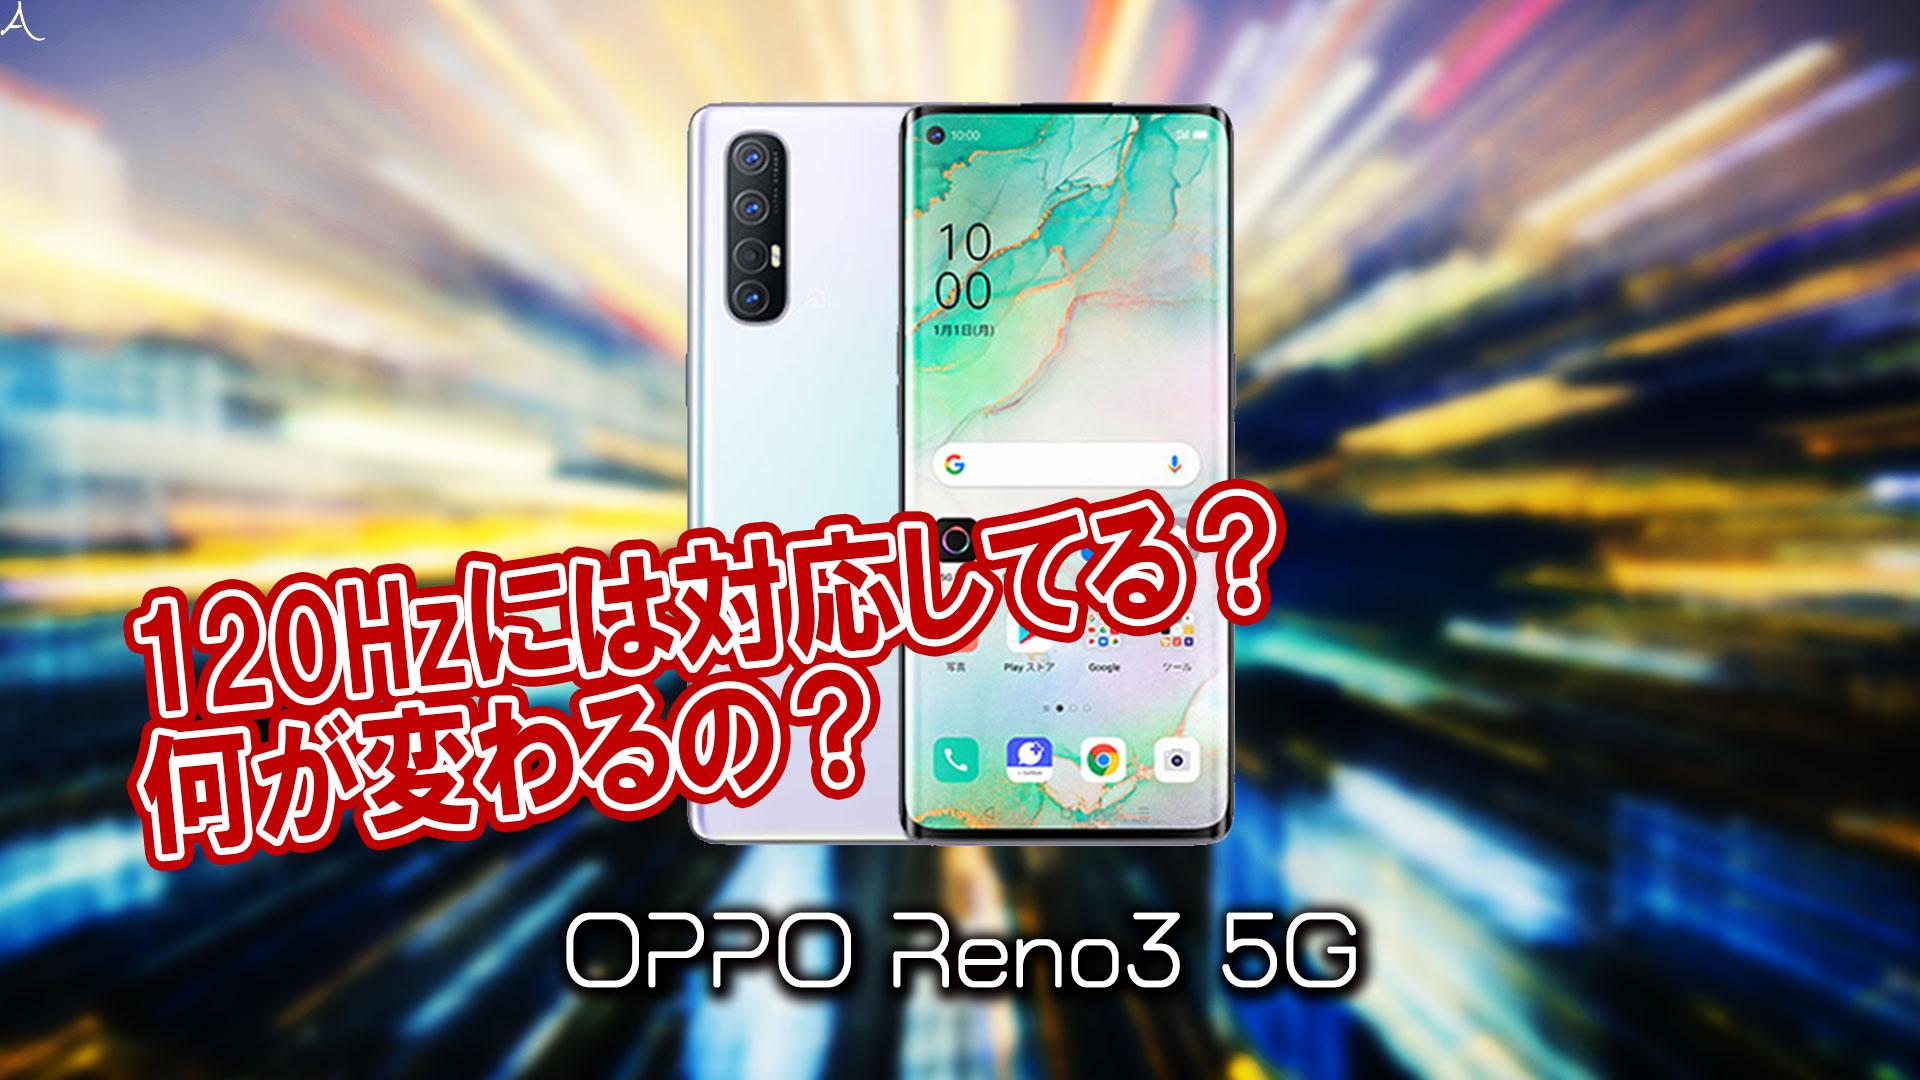 「OPPO Reno3 5G」のリフレッシュレートはいくつ?120Hzには対応してる?